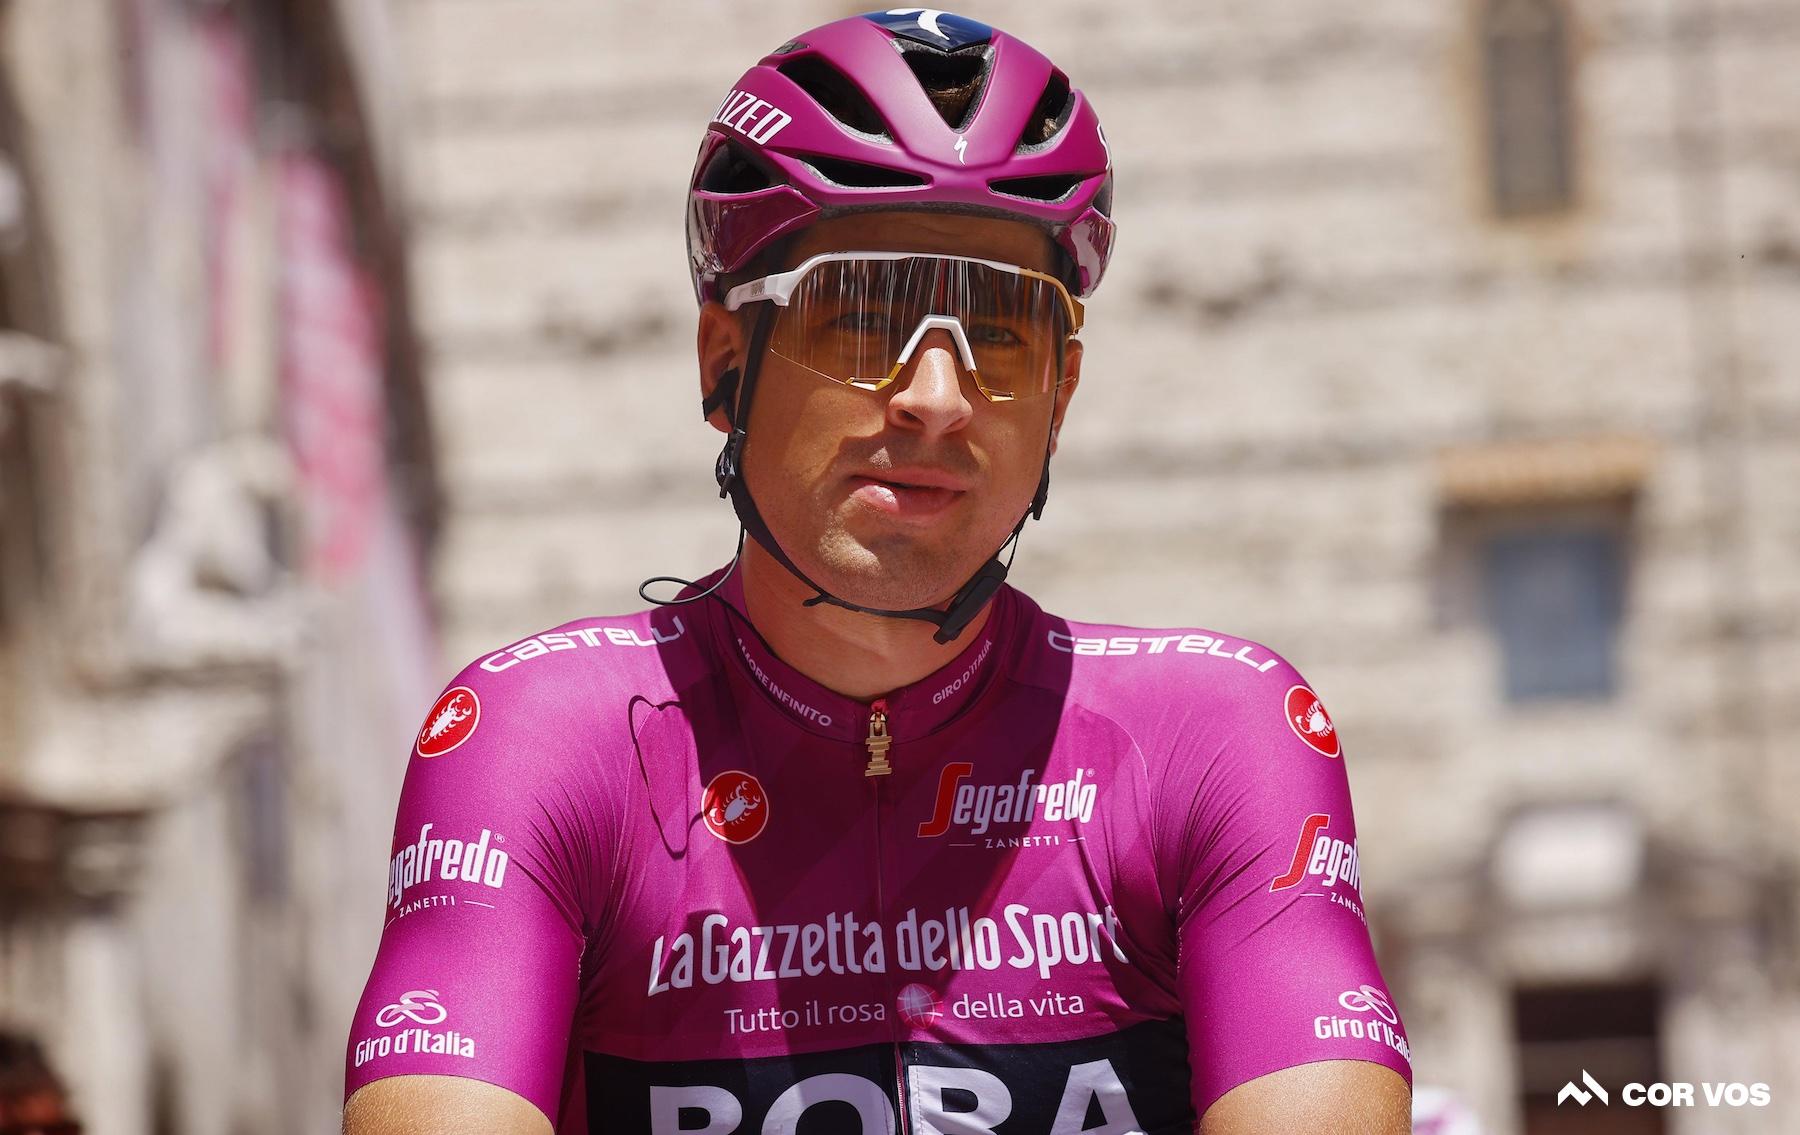 Sagan multado por 'intimidación' en la etapa 18 del Giro